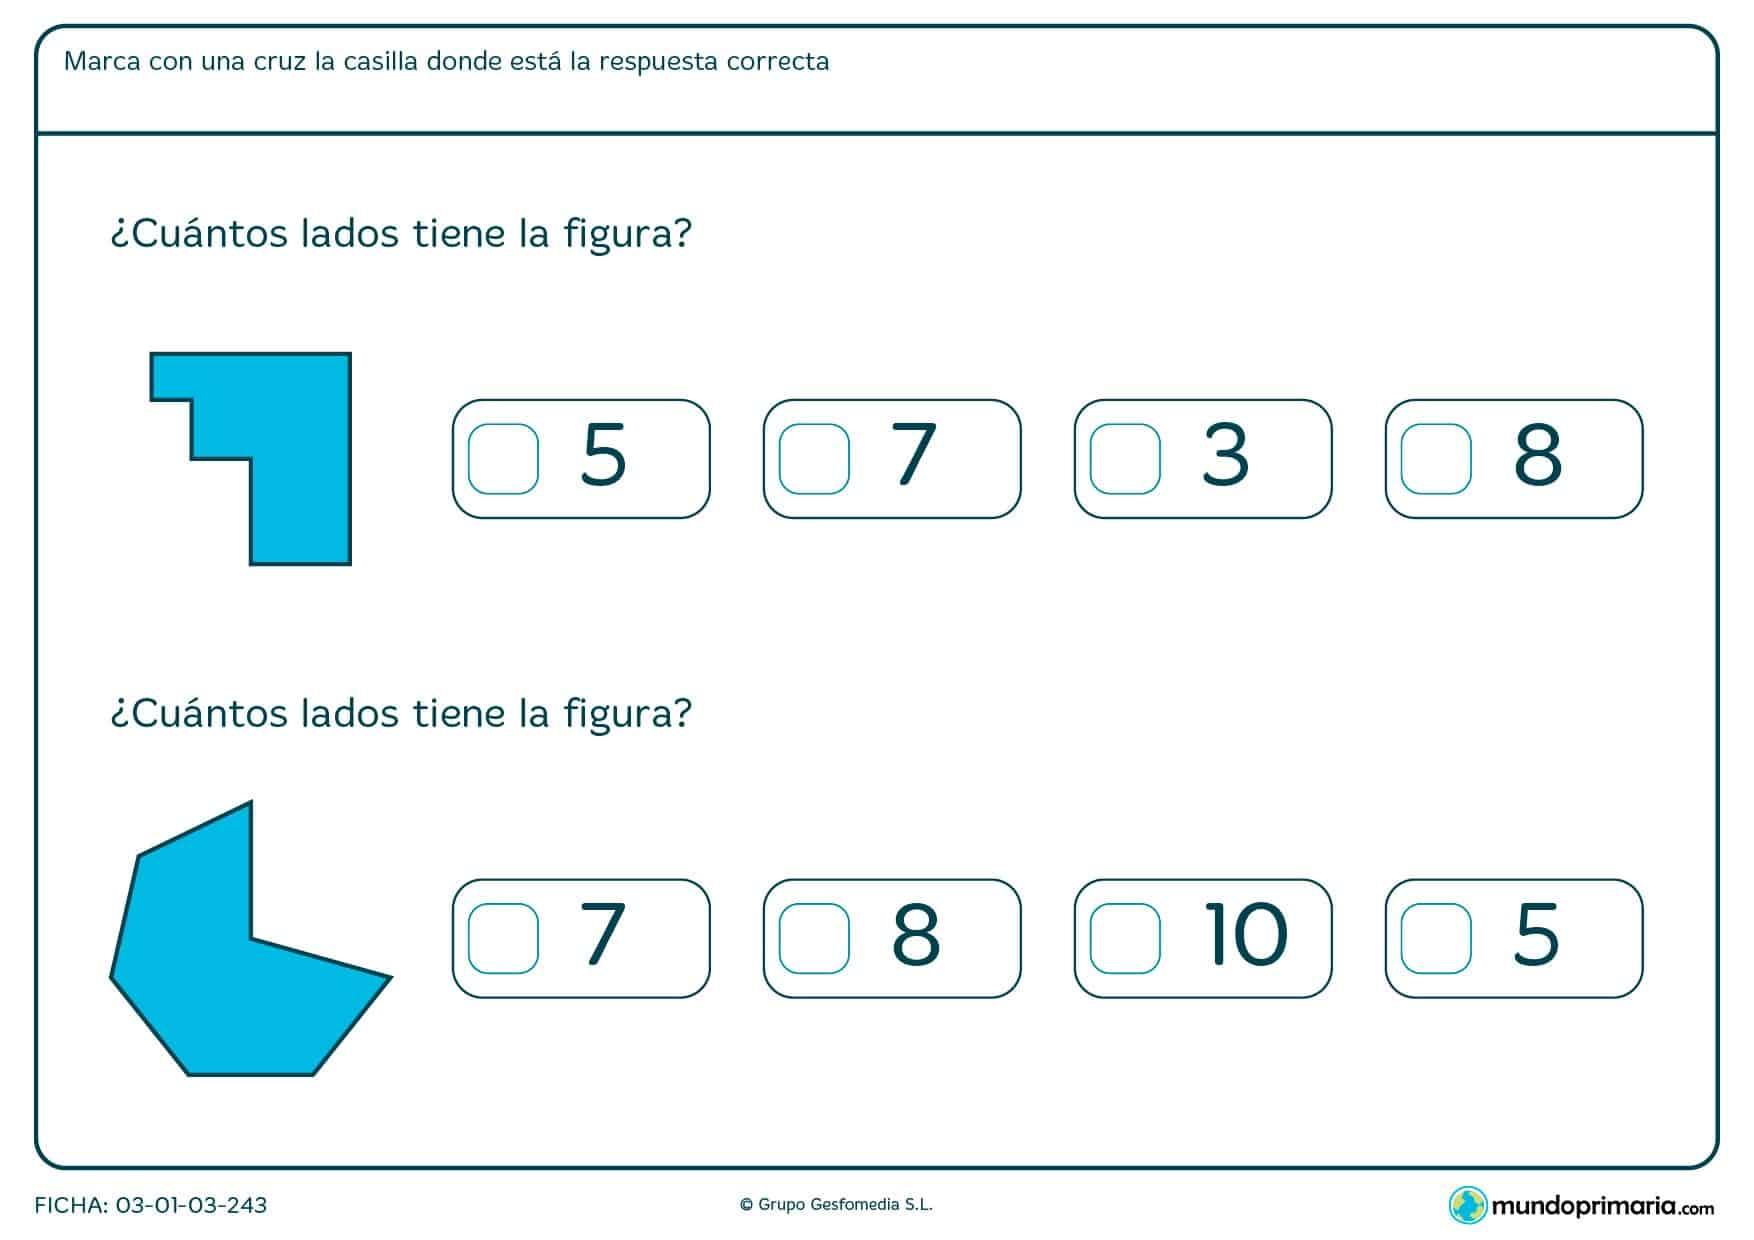 Mira bien estas figuras ¿Cuántos lados tienen? Marca la respuesta correcta.